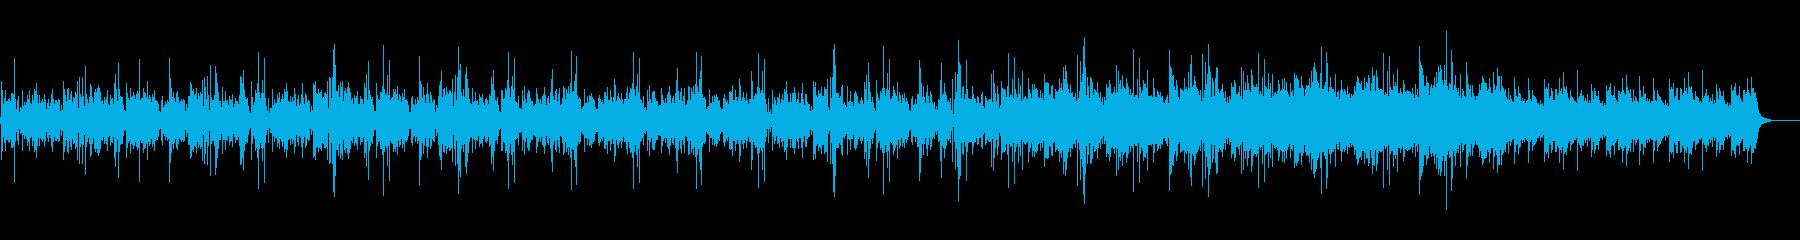 水中をイメージしたヒーリング_癒しBGMの再生済みの波形